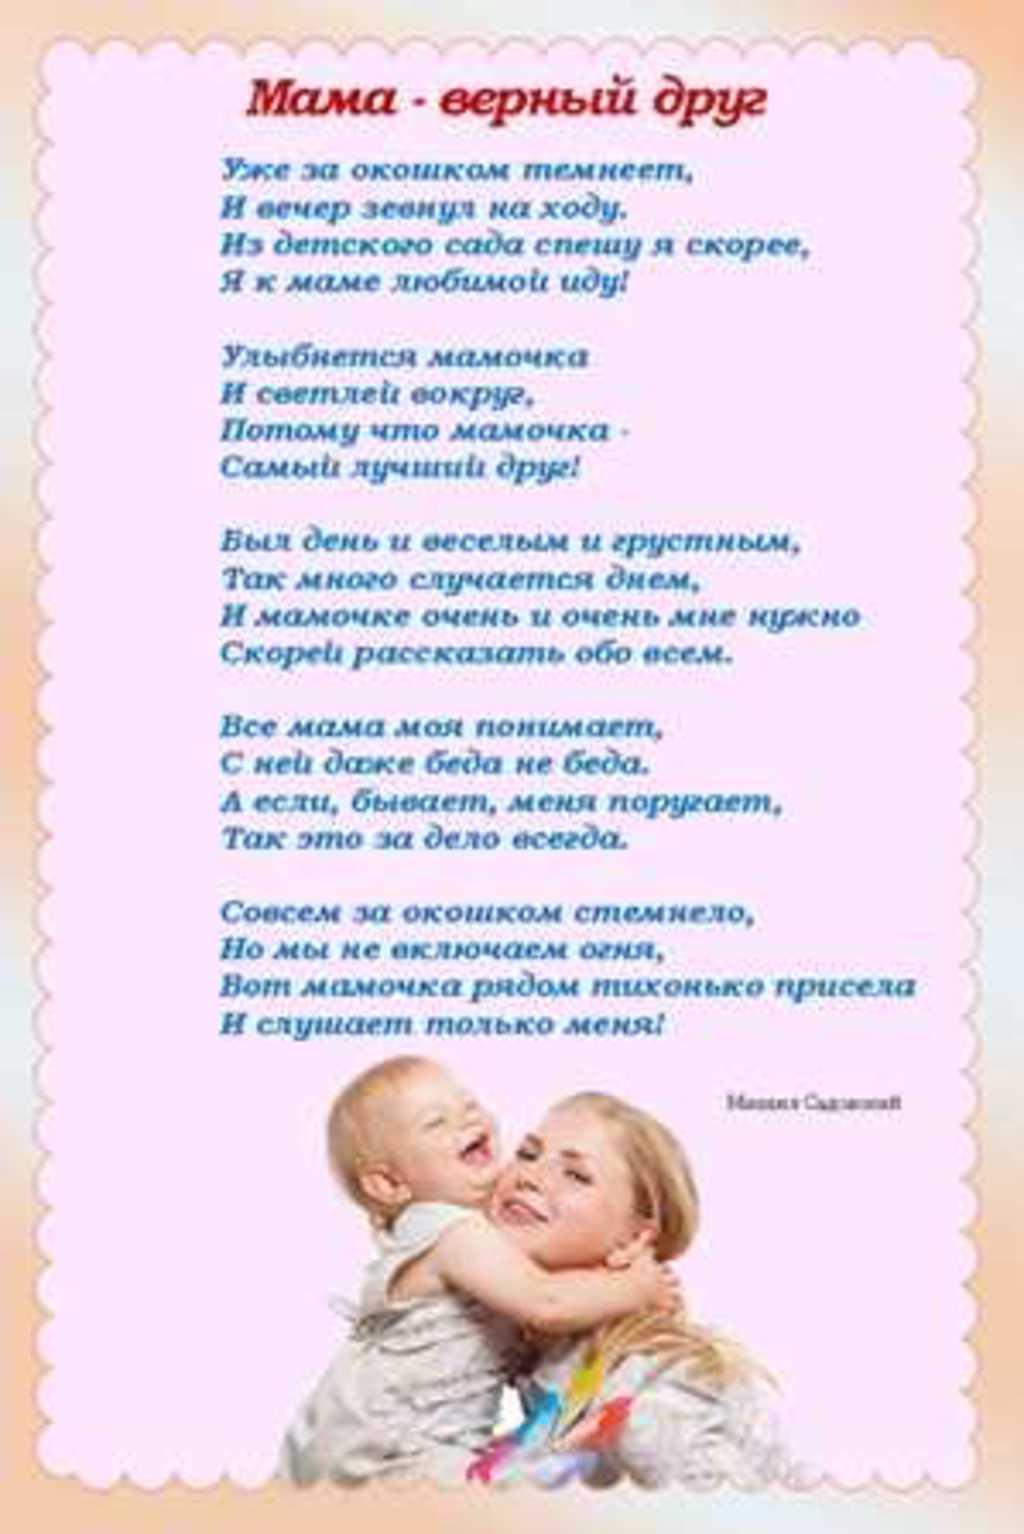 Короткие поздравления с днем рождения маме - Поздравок 56